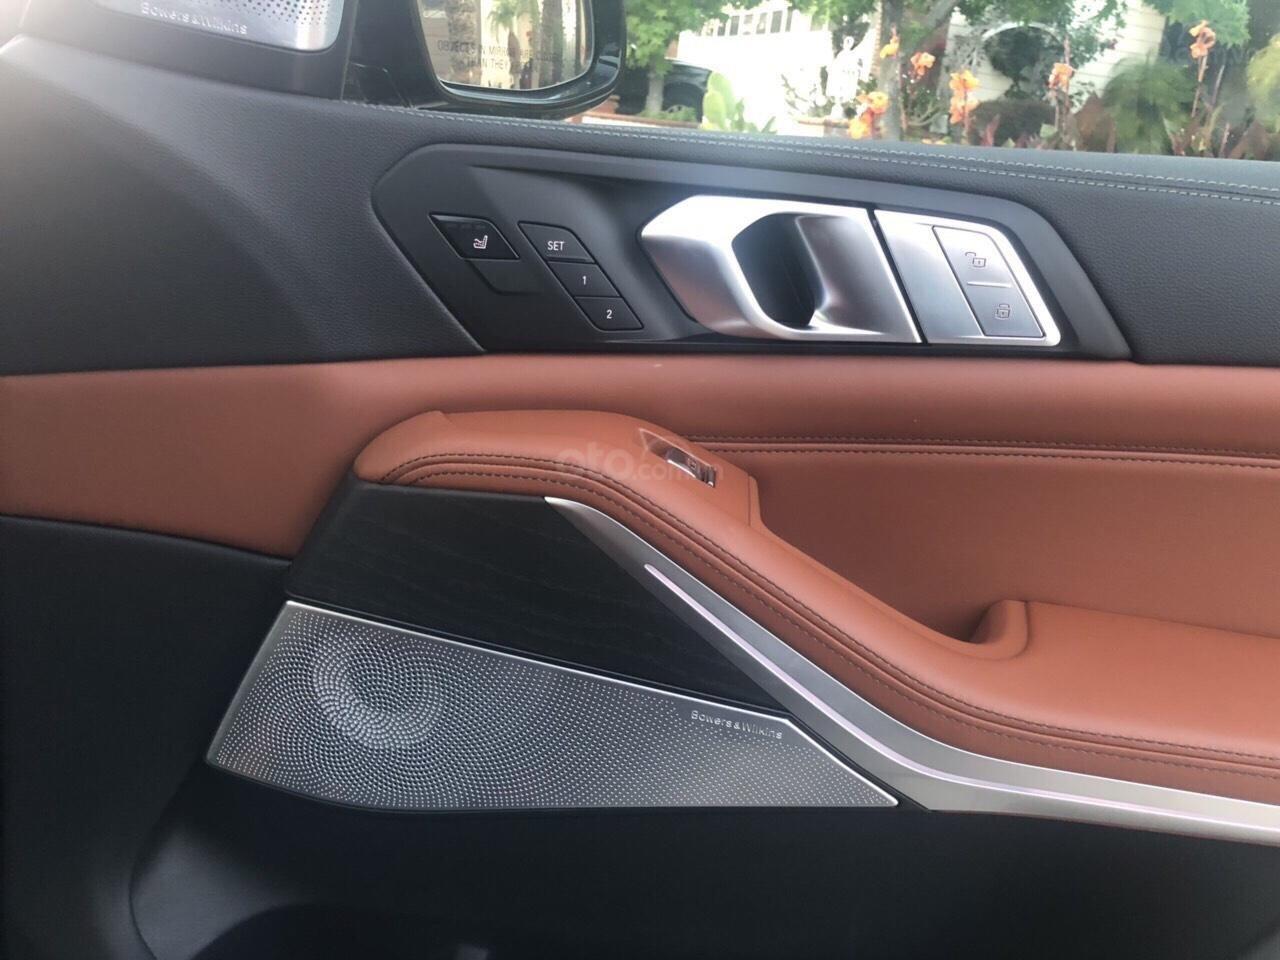 Bán ô tô BMW X7 xDrive 40i sản xuất 2019, màu đen, nhập khẩu, mới 100%. LH 0945.39.2468-14